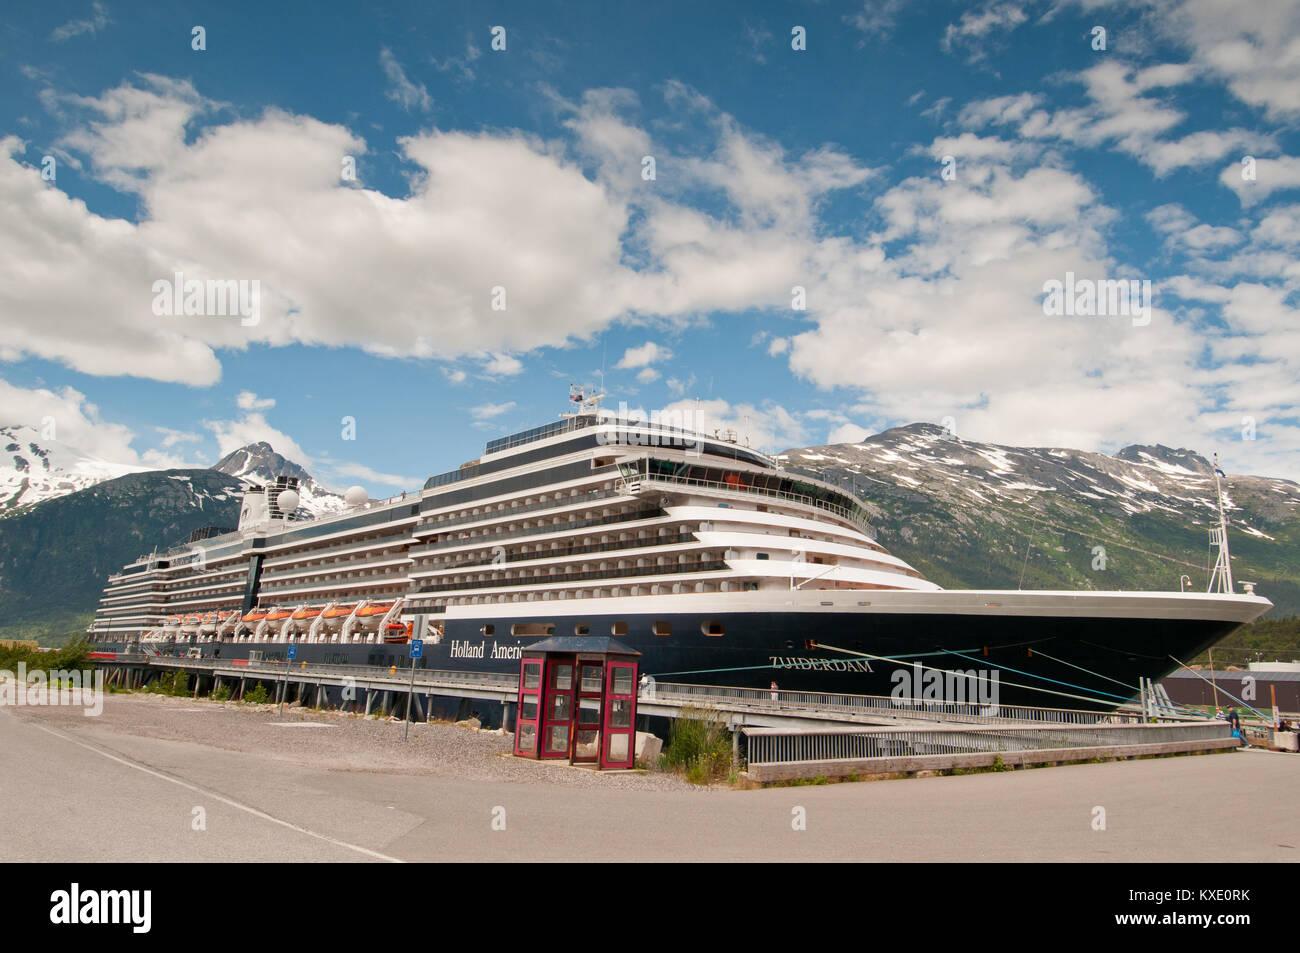 Cruise Ship Port Supplies Stock Photos Cruise Ship Port Supplies - Cruise ship supplies